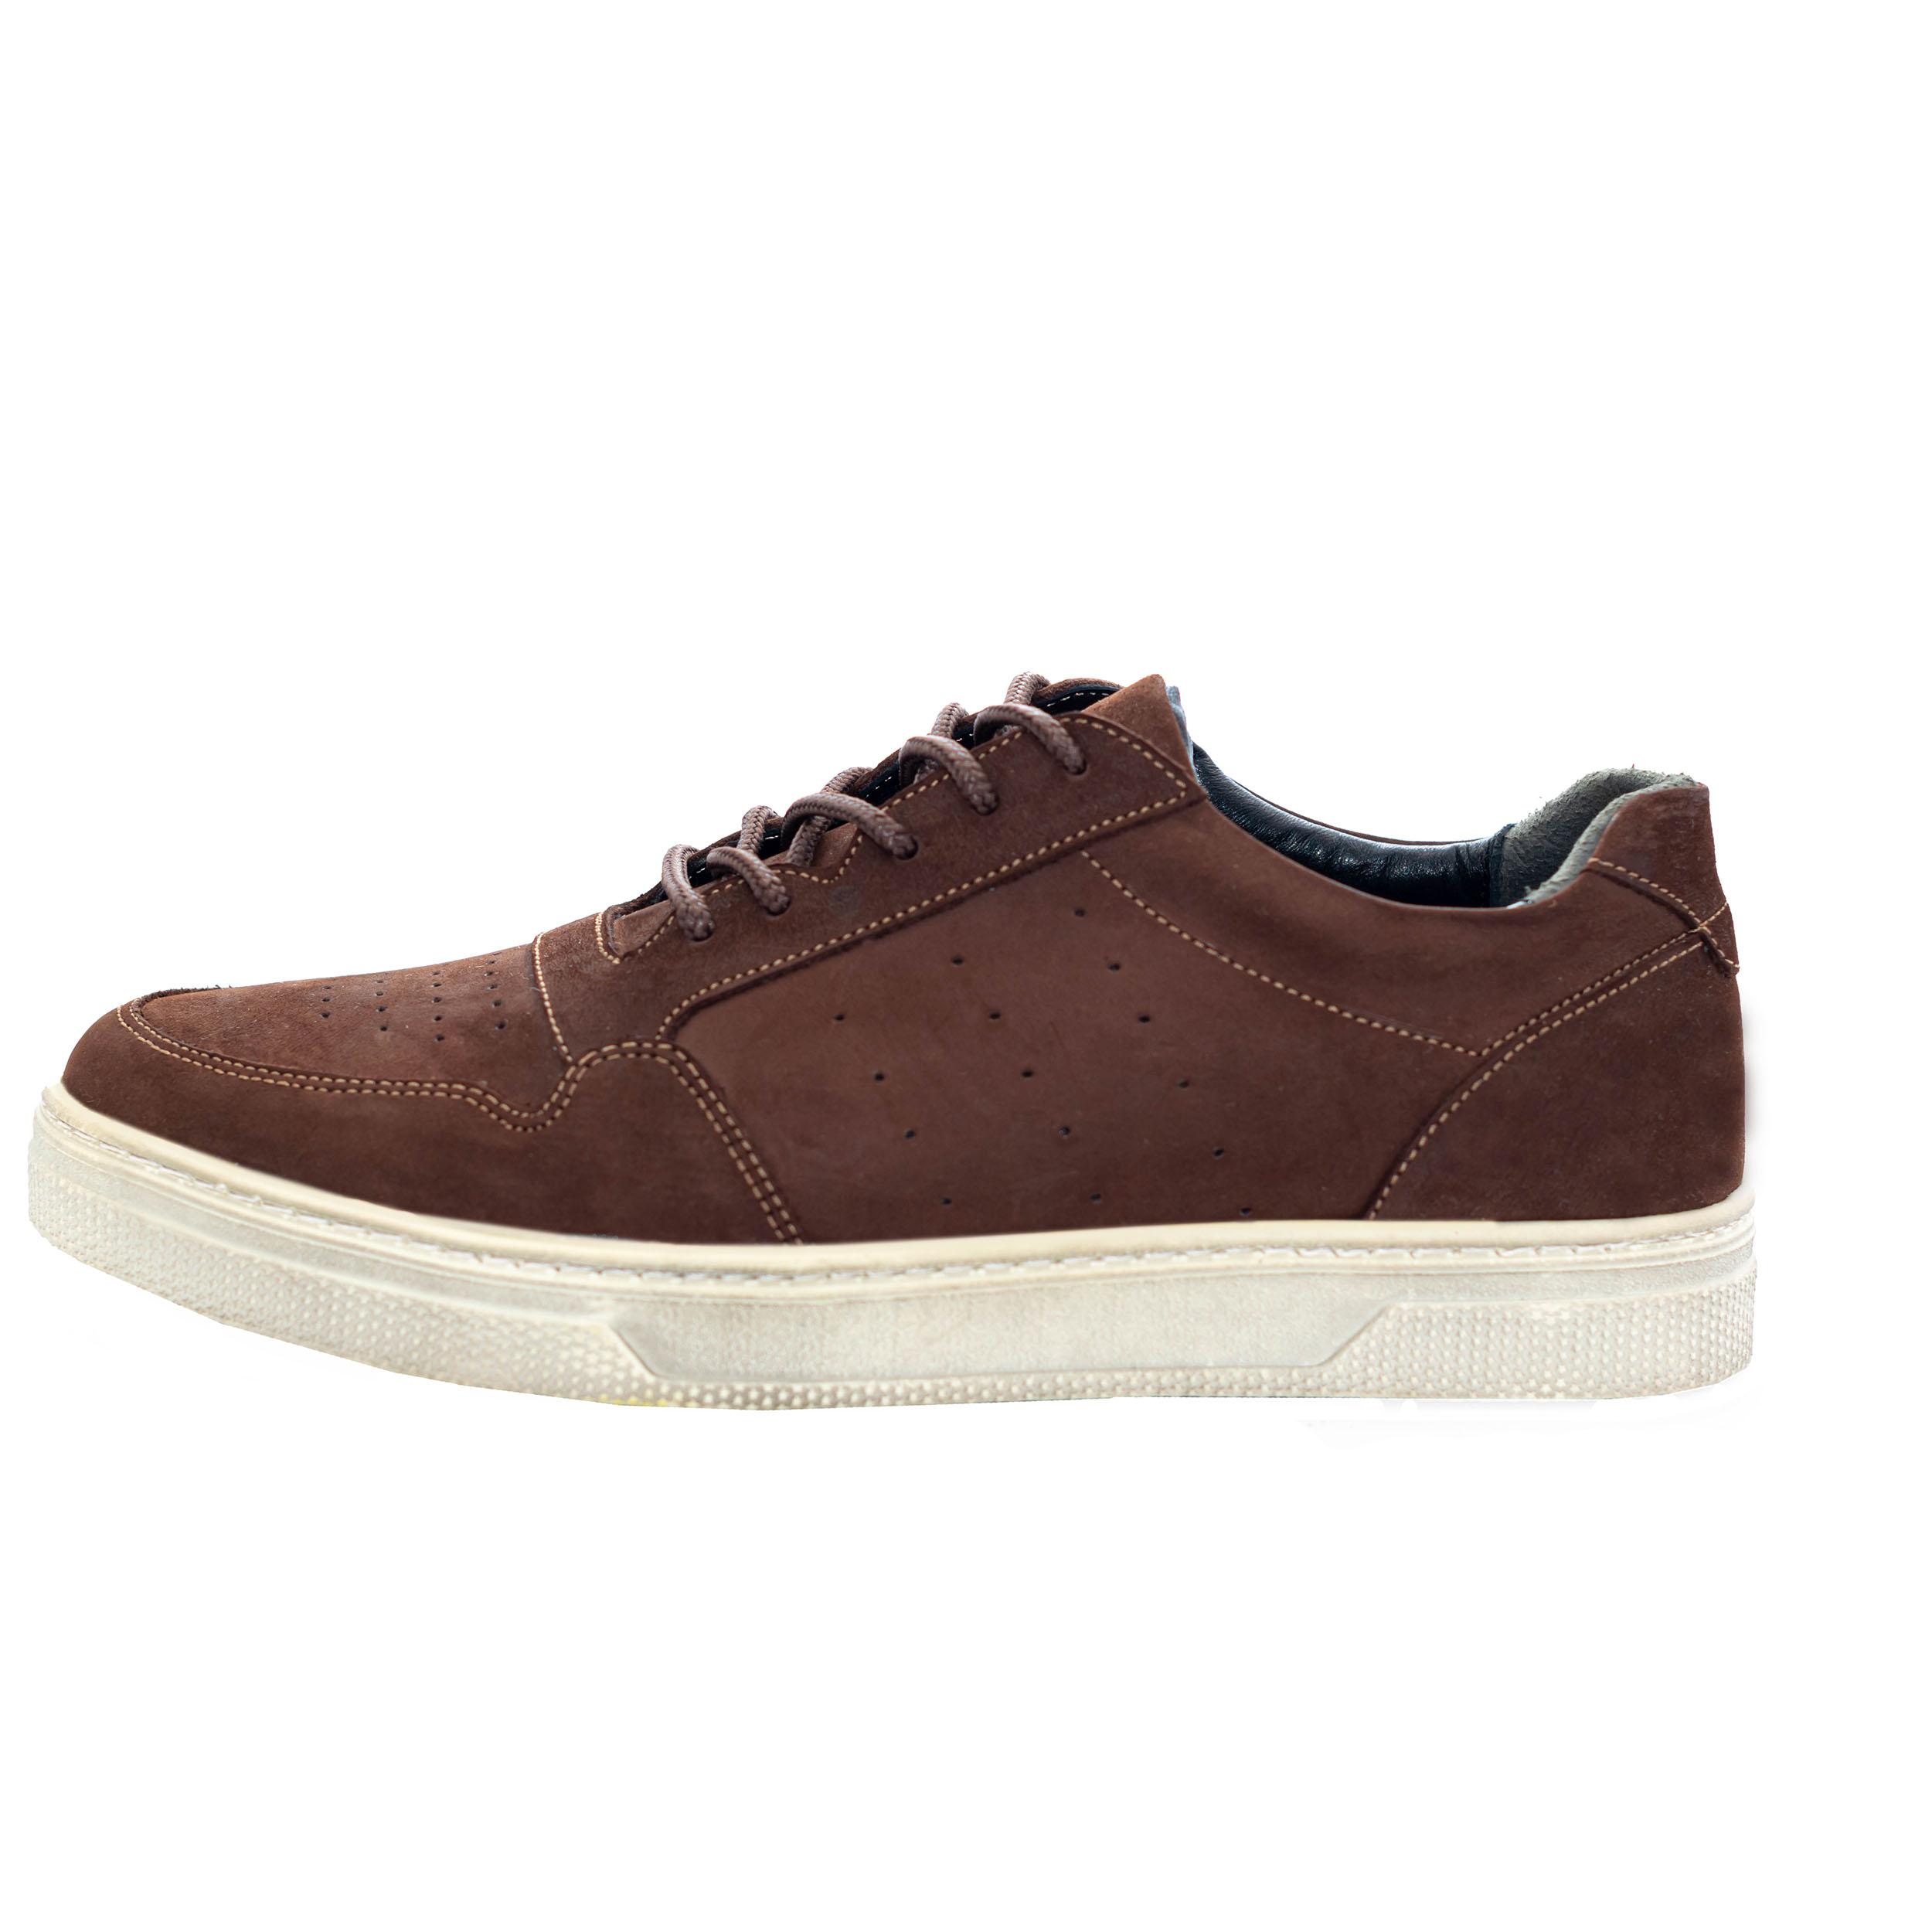 کفش روزمره مردانه مدل  آراد کد A7 رنگ قهوه ای